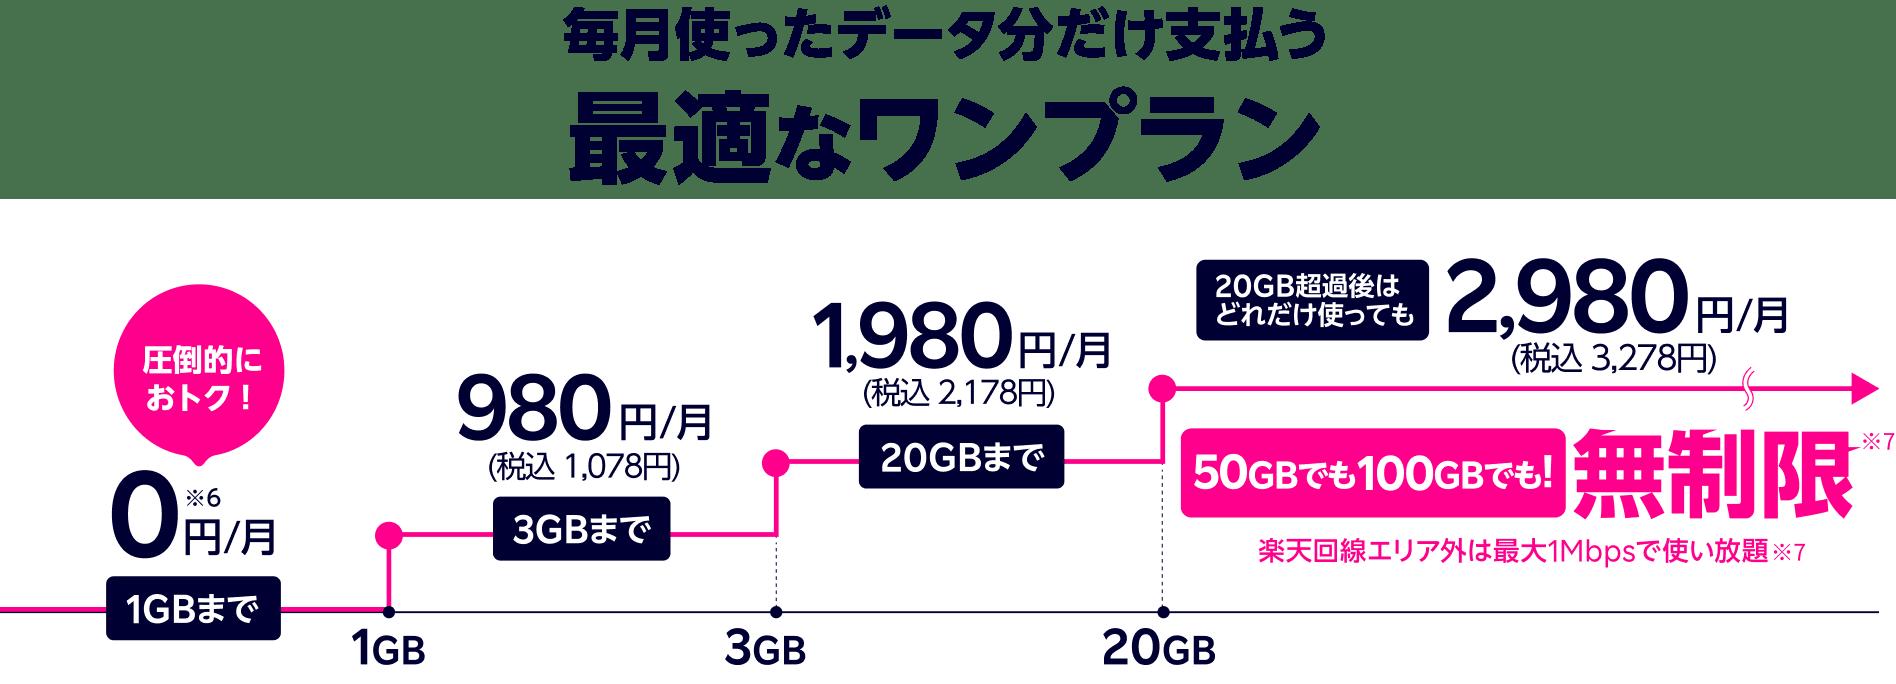 楽天回線エリア データ容量 制限なし パートナー回線エリア データ容量 5GB/月 楽天回線エリア 高速でデータ使い放題※2 5Gエリアは5G通信で使い放題※3 パートナー回線エリア データ容量 5GB/月 超過誤は最大1Mbpsで使い放題※4